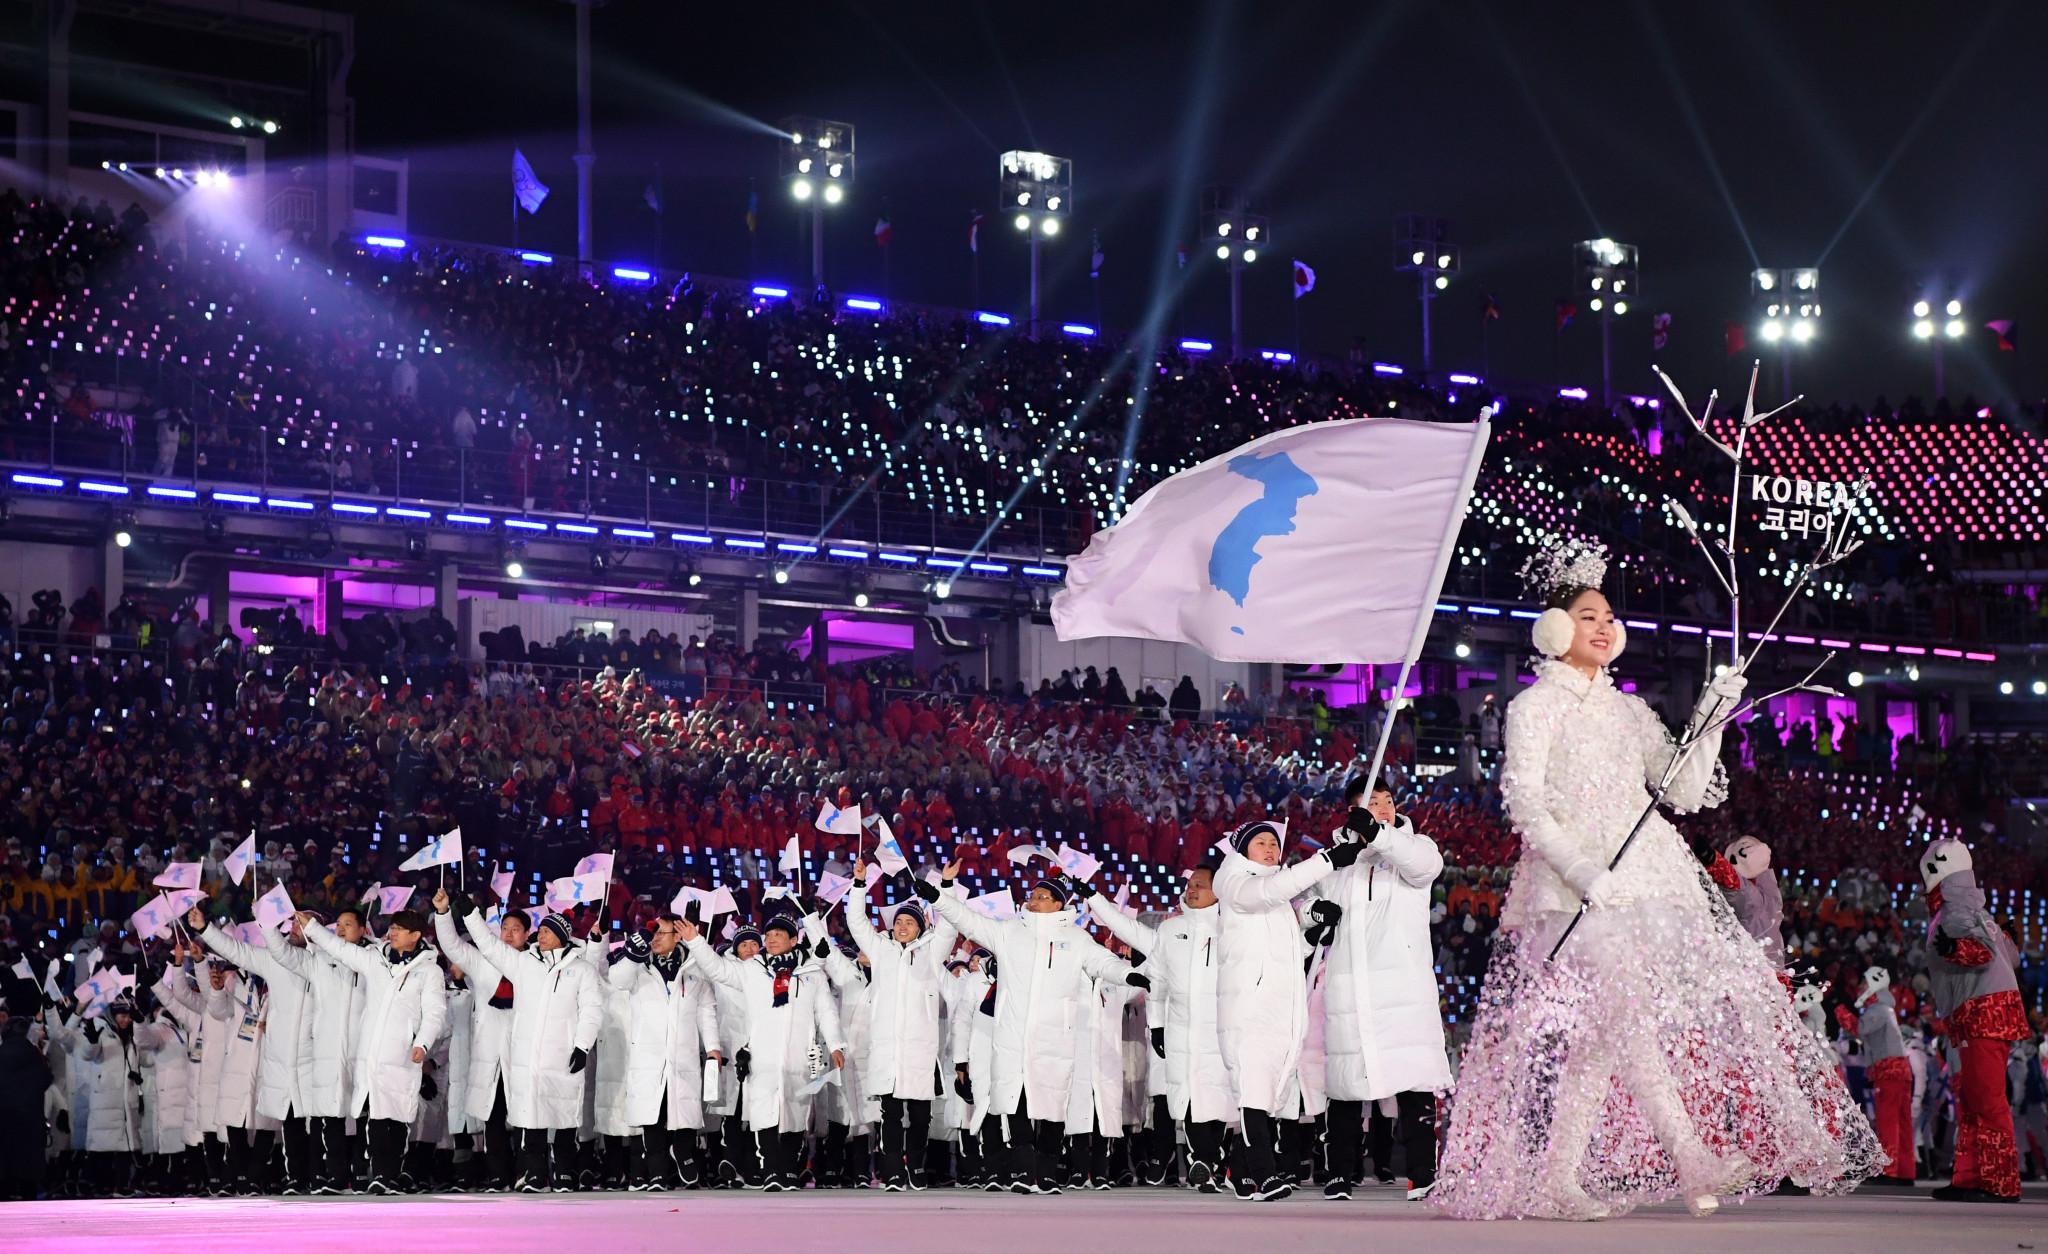 O delegație coreeană unificată a mărșăluit la ceremonia de deschidere a PyeongChang 2018 © Getty Images